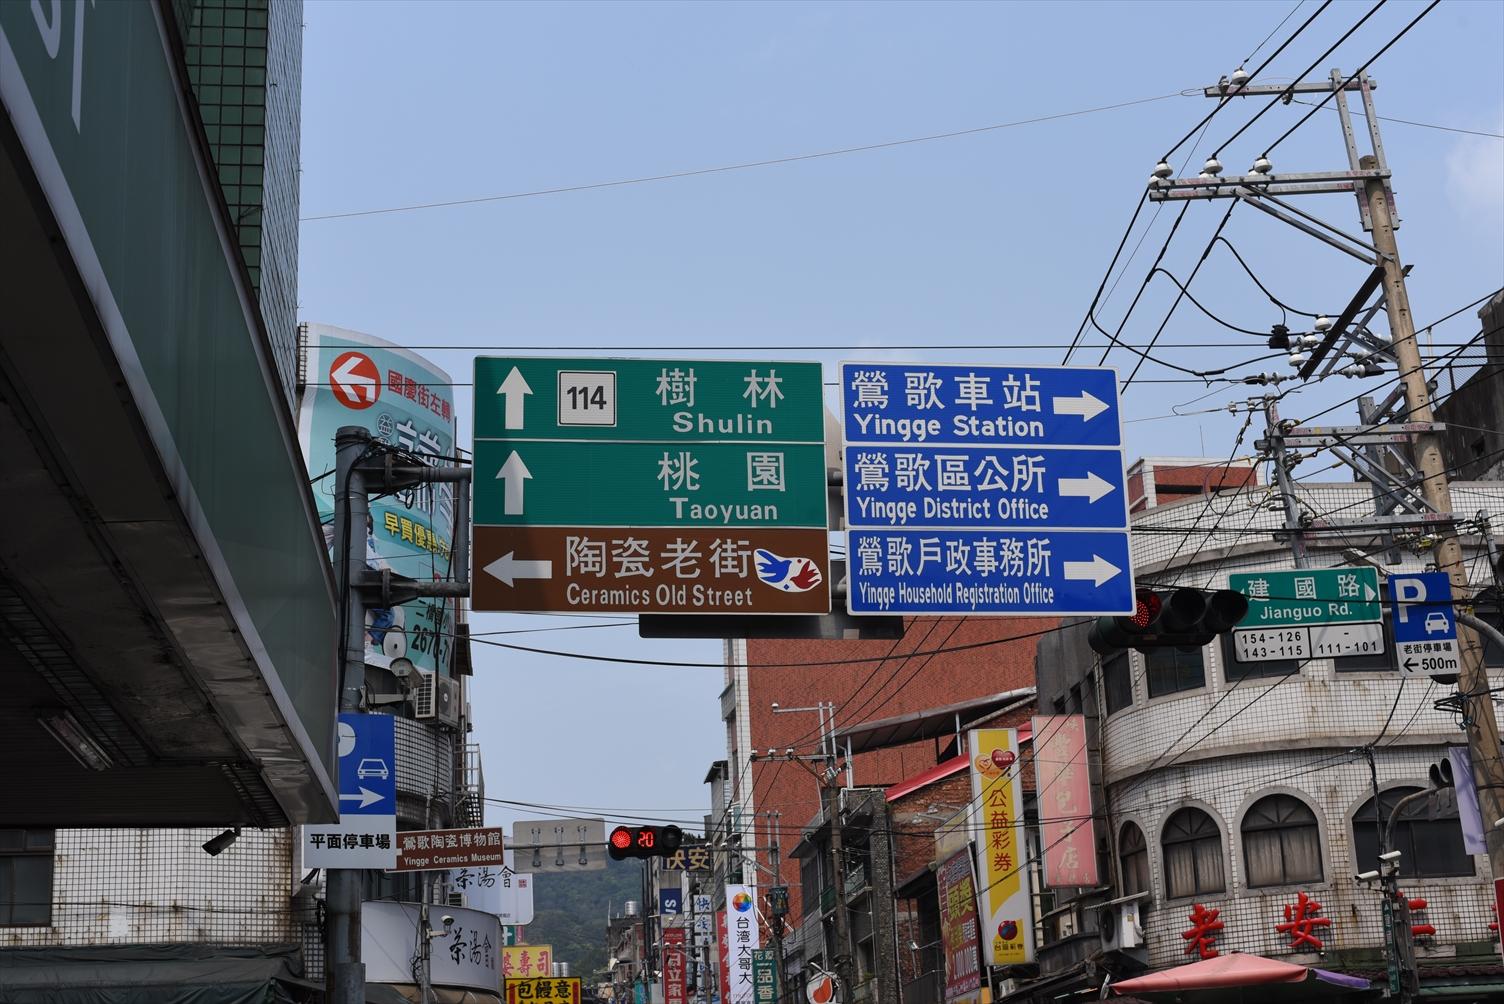 鶯歌陶瓷老街 行き方 看板